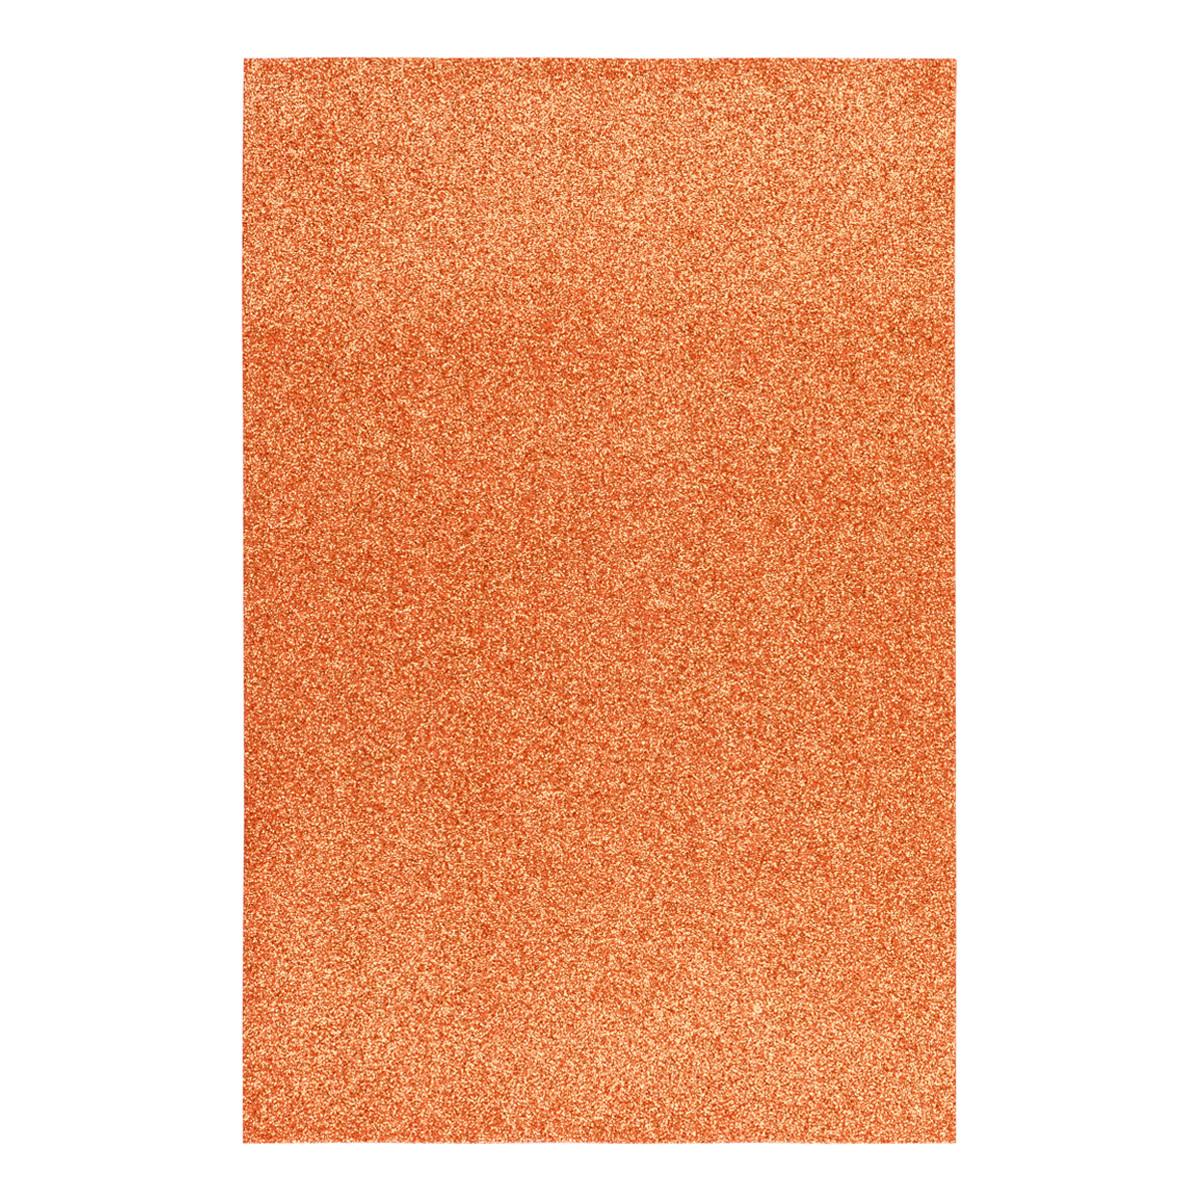 Фоаміран ЕВА помаранчевий з глітером, 200*300 мм, товщина 1,7 мм, 10 аркушів